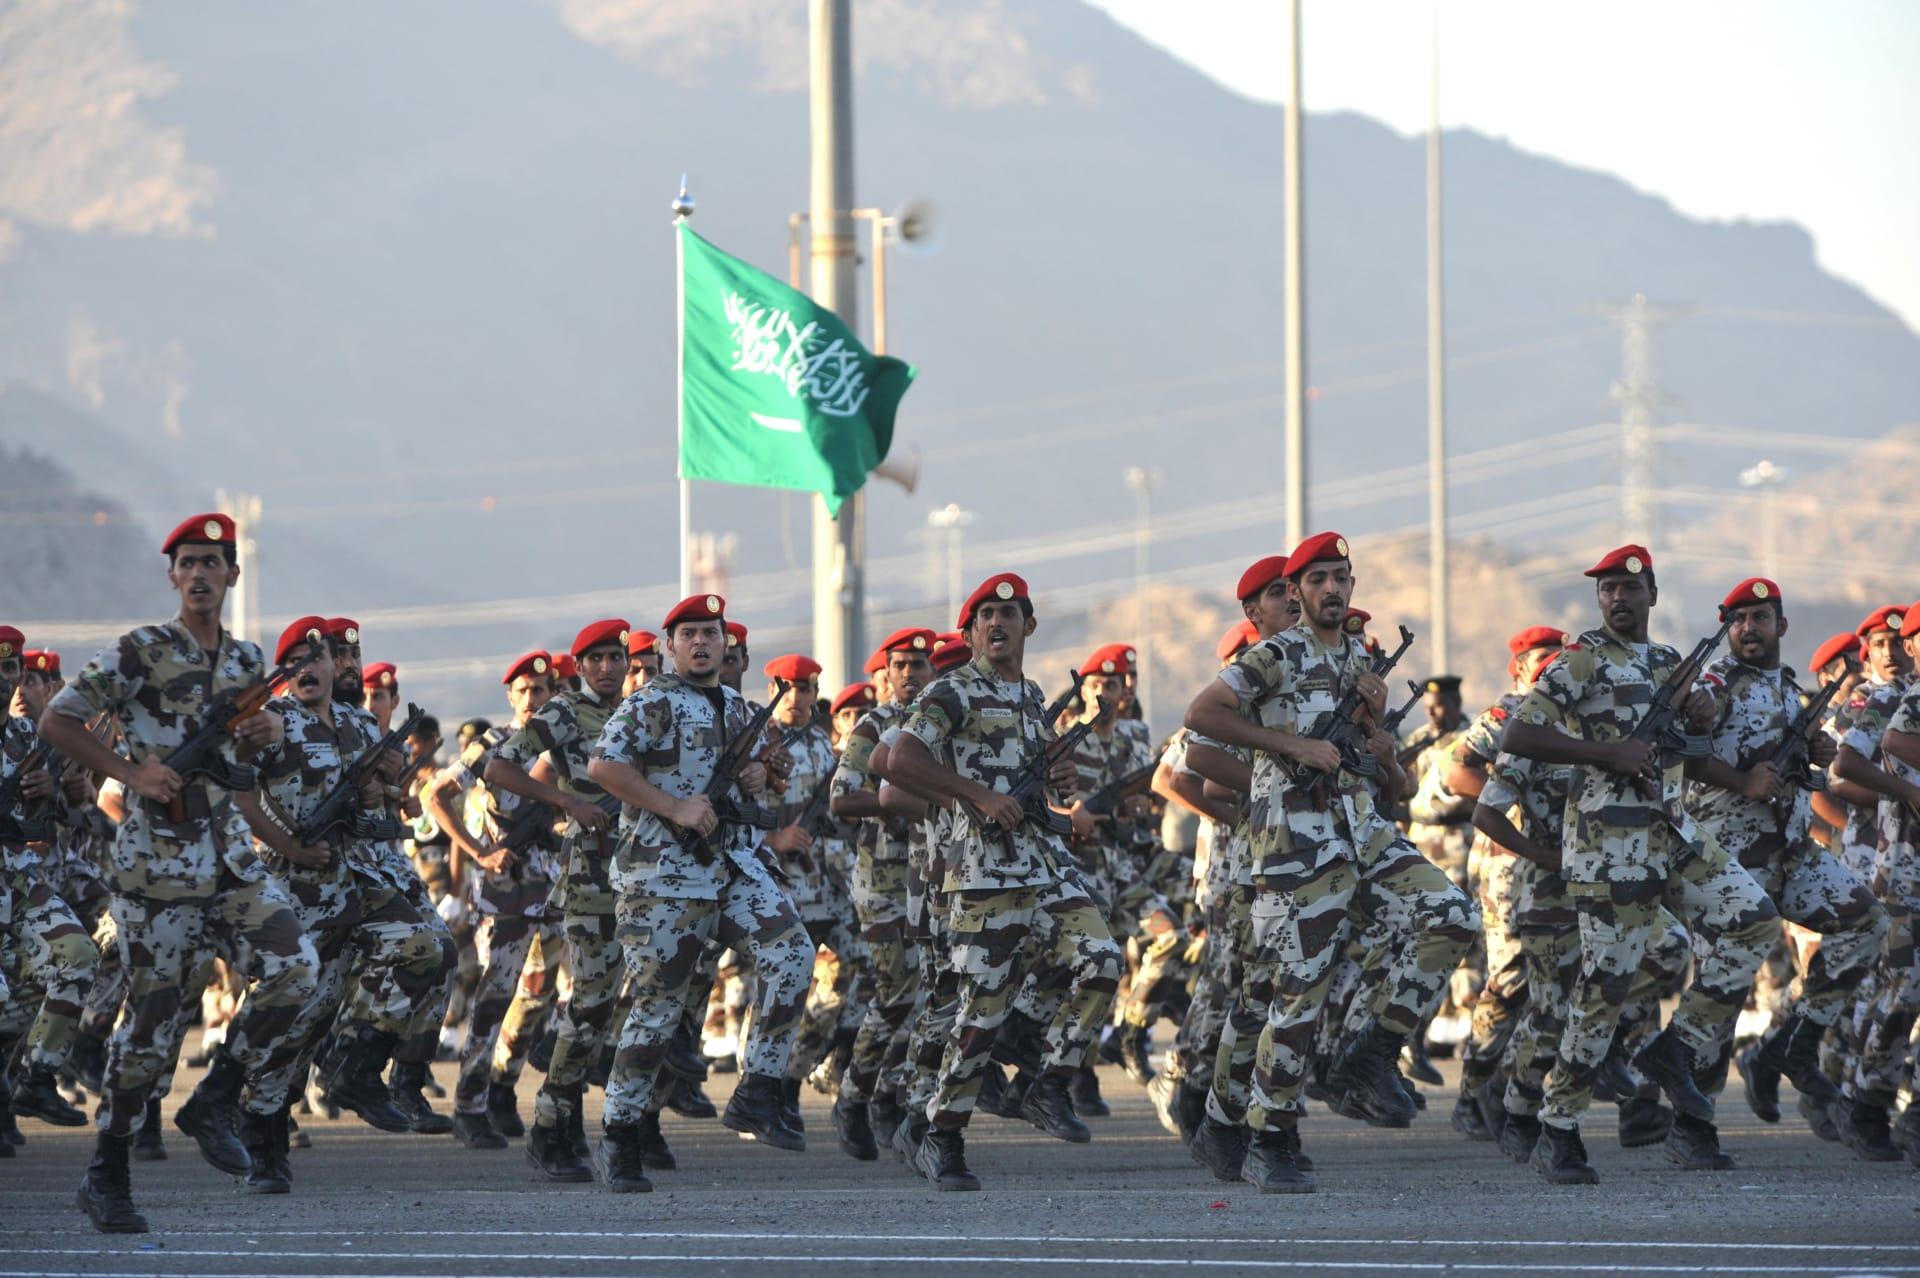 """حرس الحدود السعودي يبدأ باستلام منفذ """"سلوى"""" الحدودي مع قطر"""